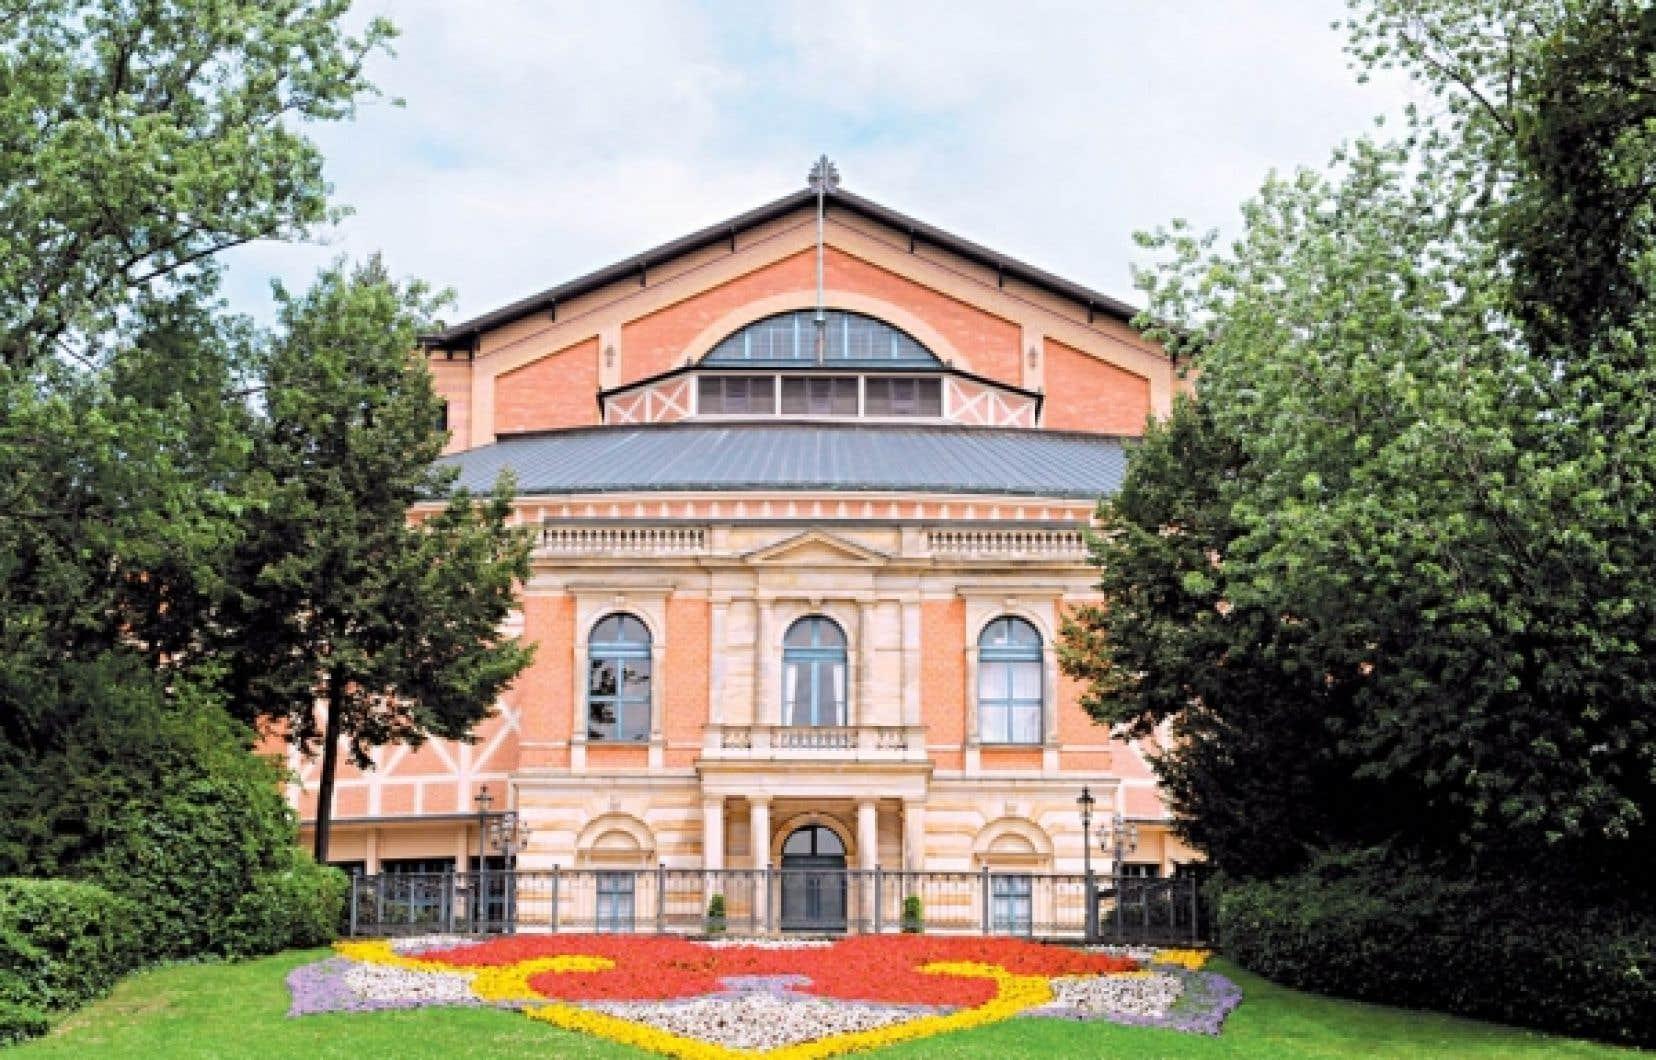 Le Festspielhaus de Bayreuth, achevé en 1875 et inauguré l'année suivante